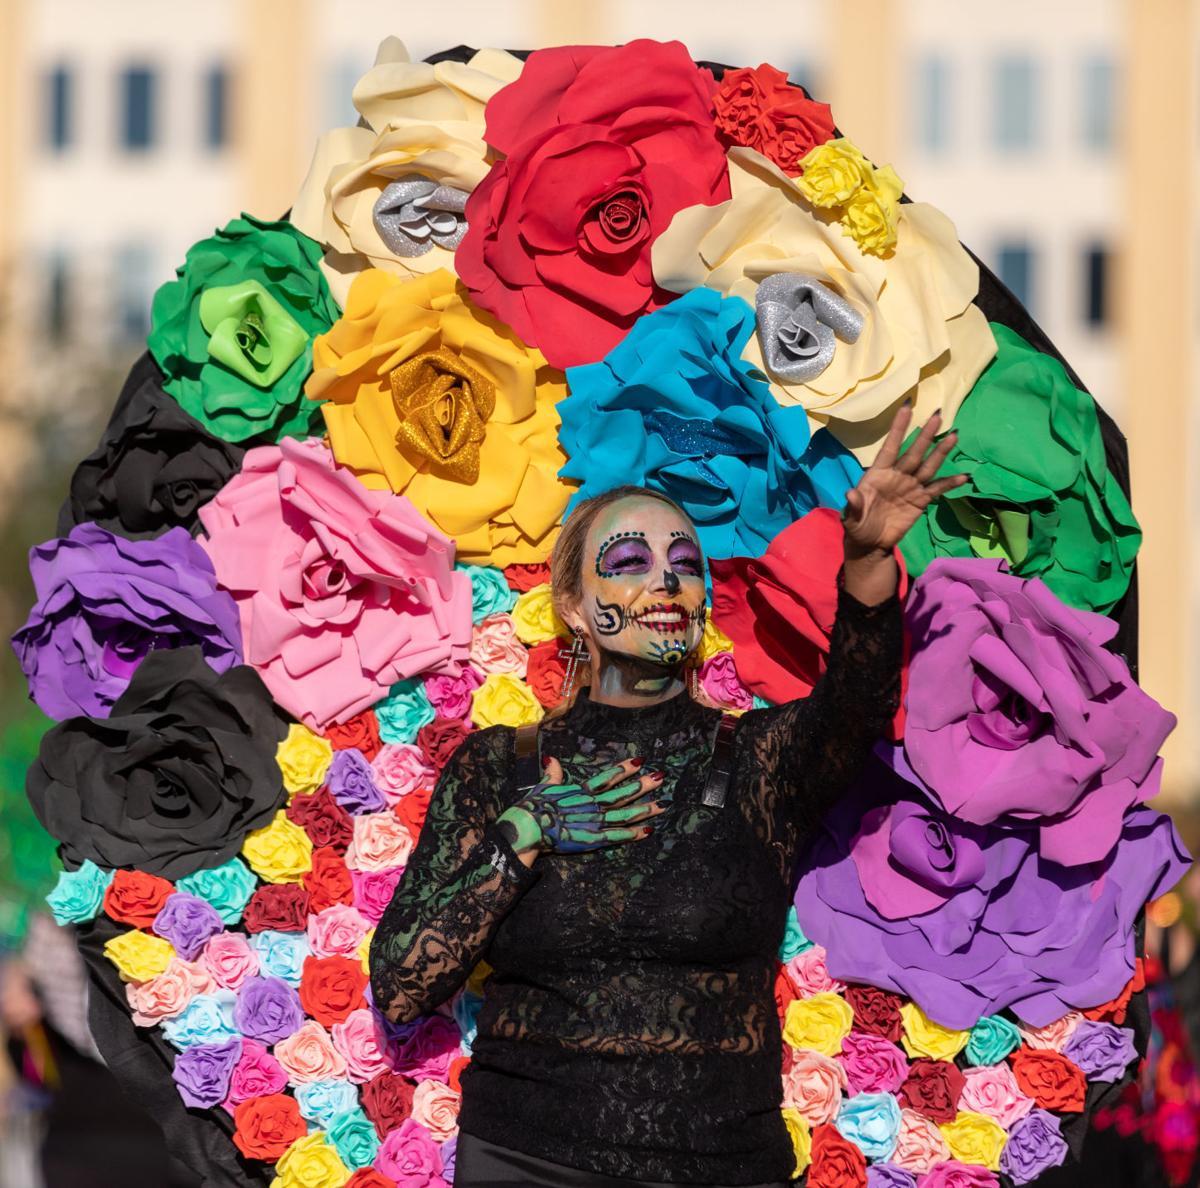 Photos: Dallas' inaugural Día de los Muertos Parade and Festival features catrinas, live music